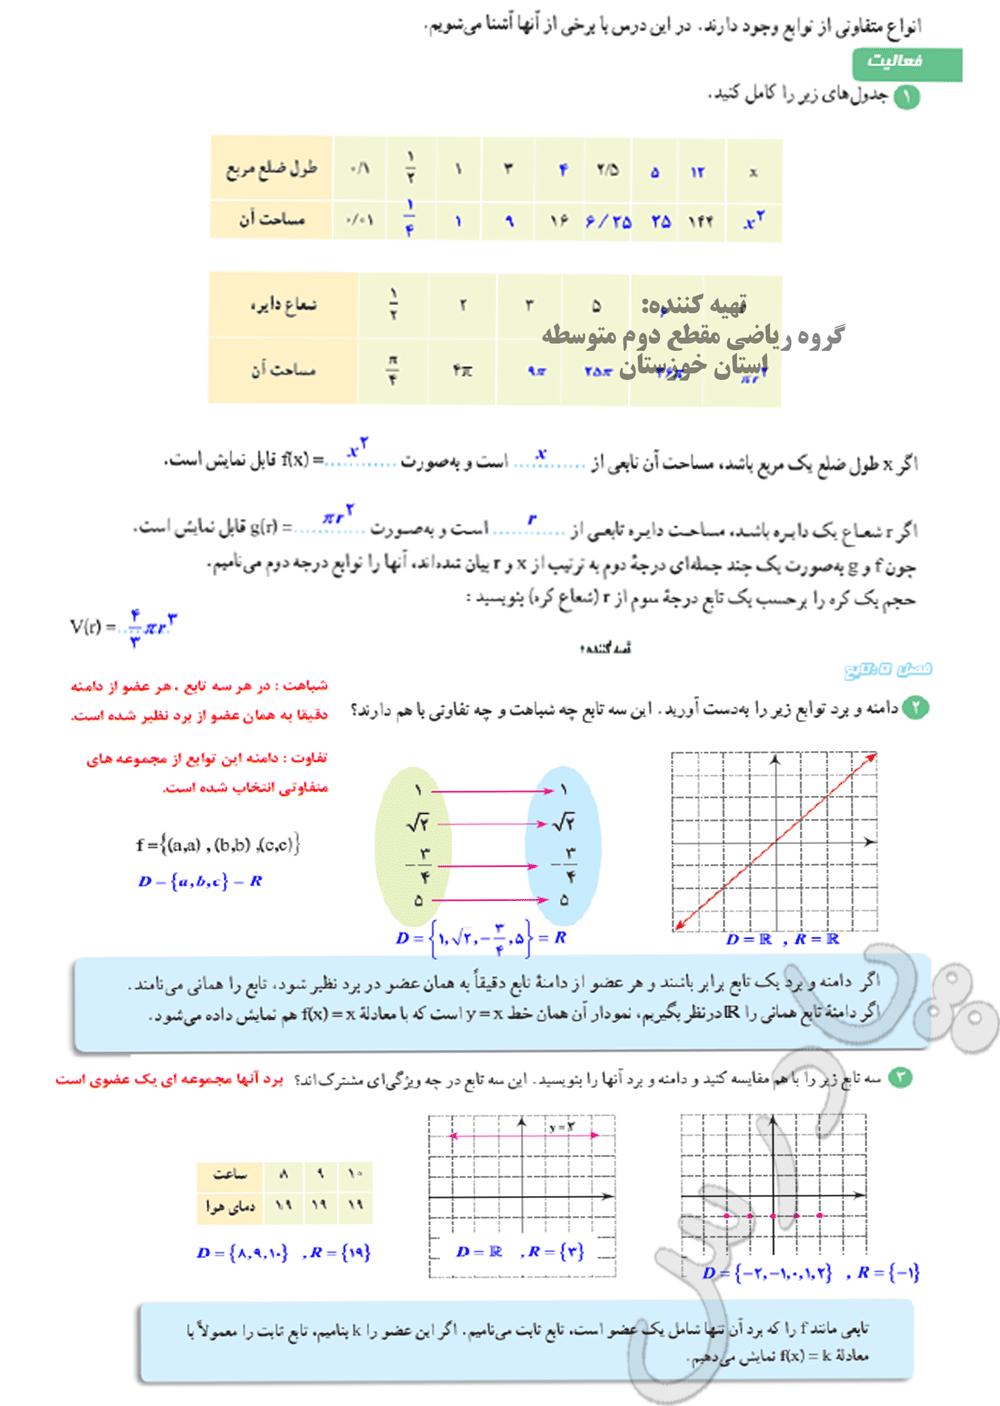 حل فعالیت صفحه 109 ریاضی دهم